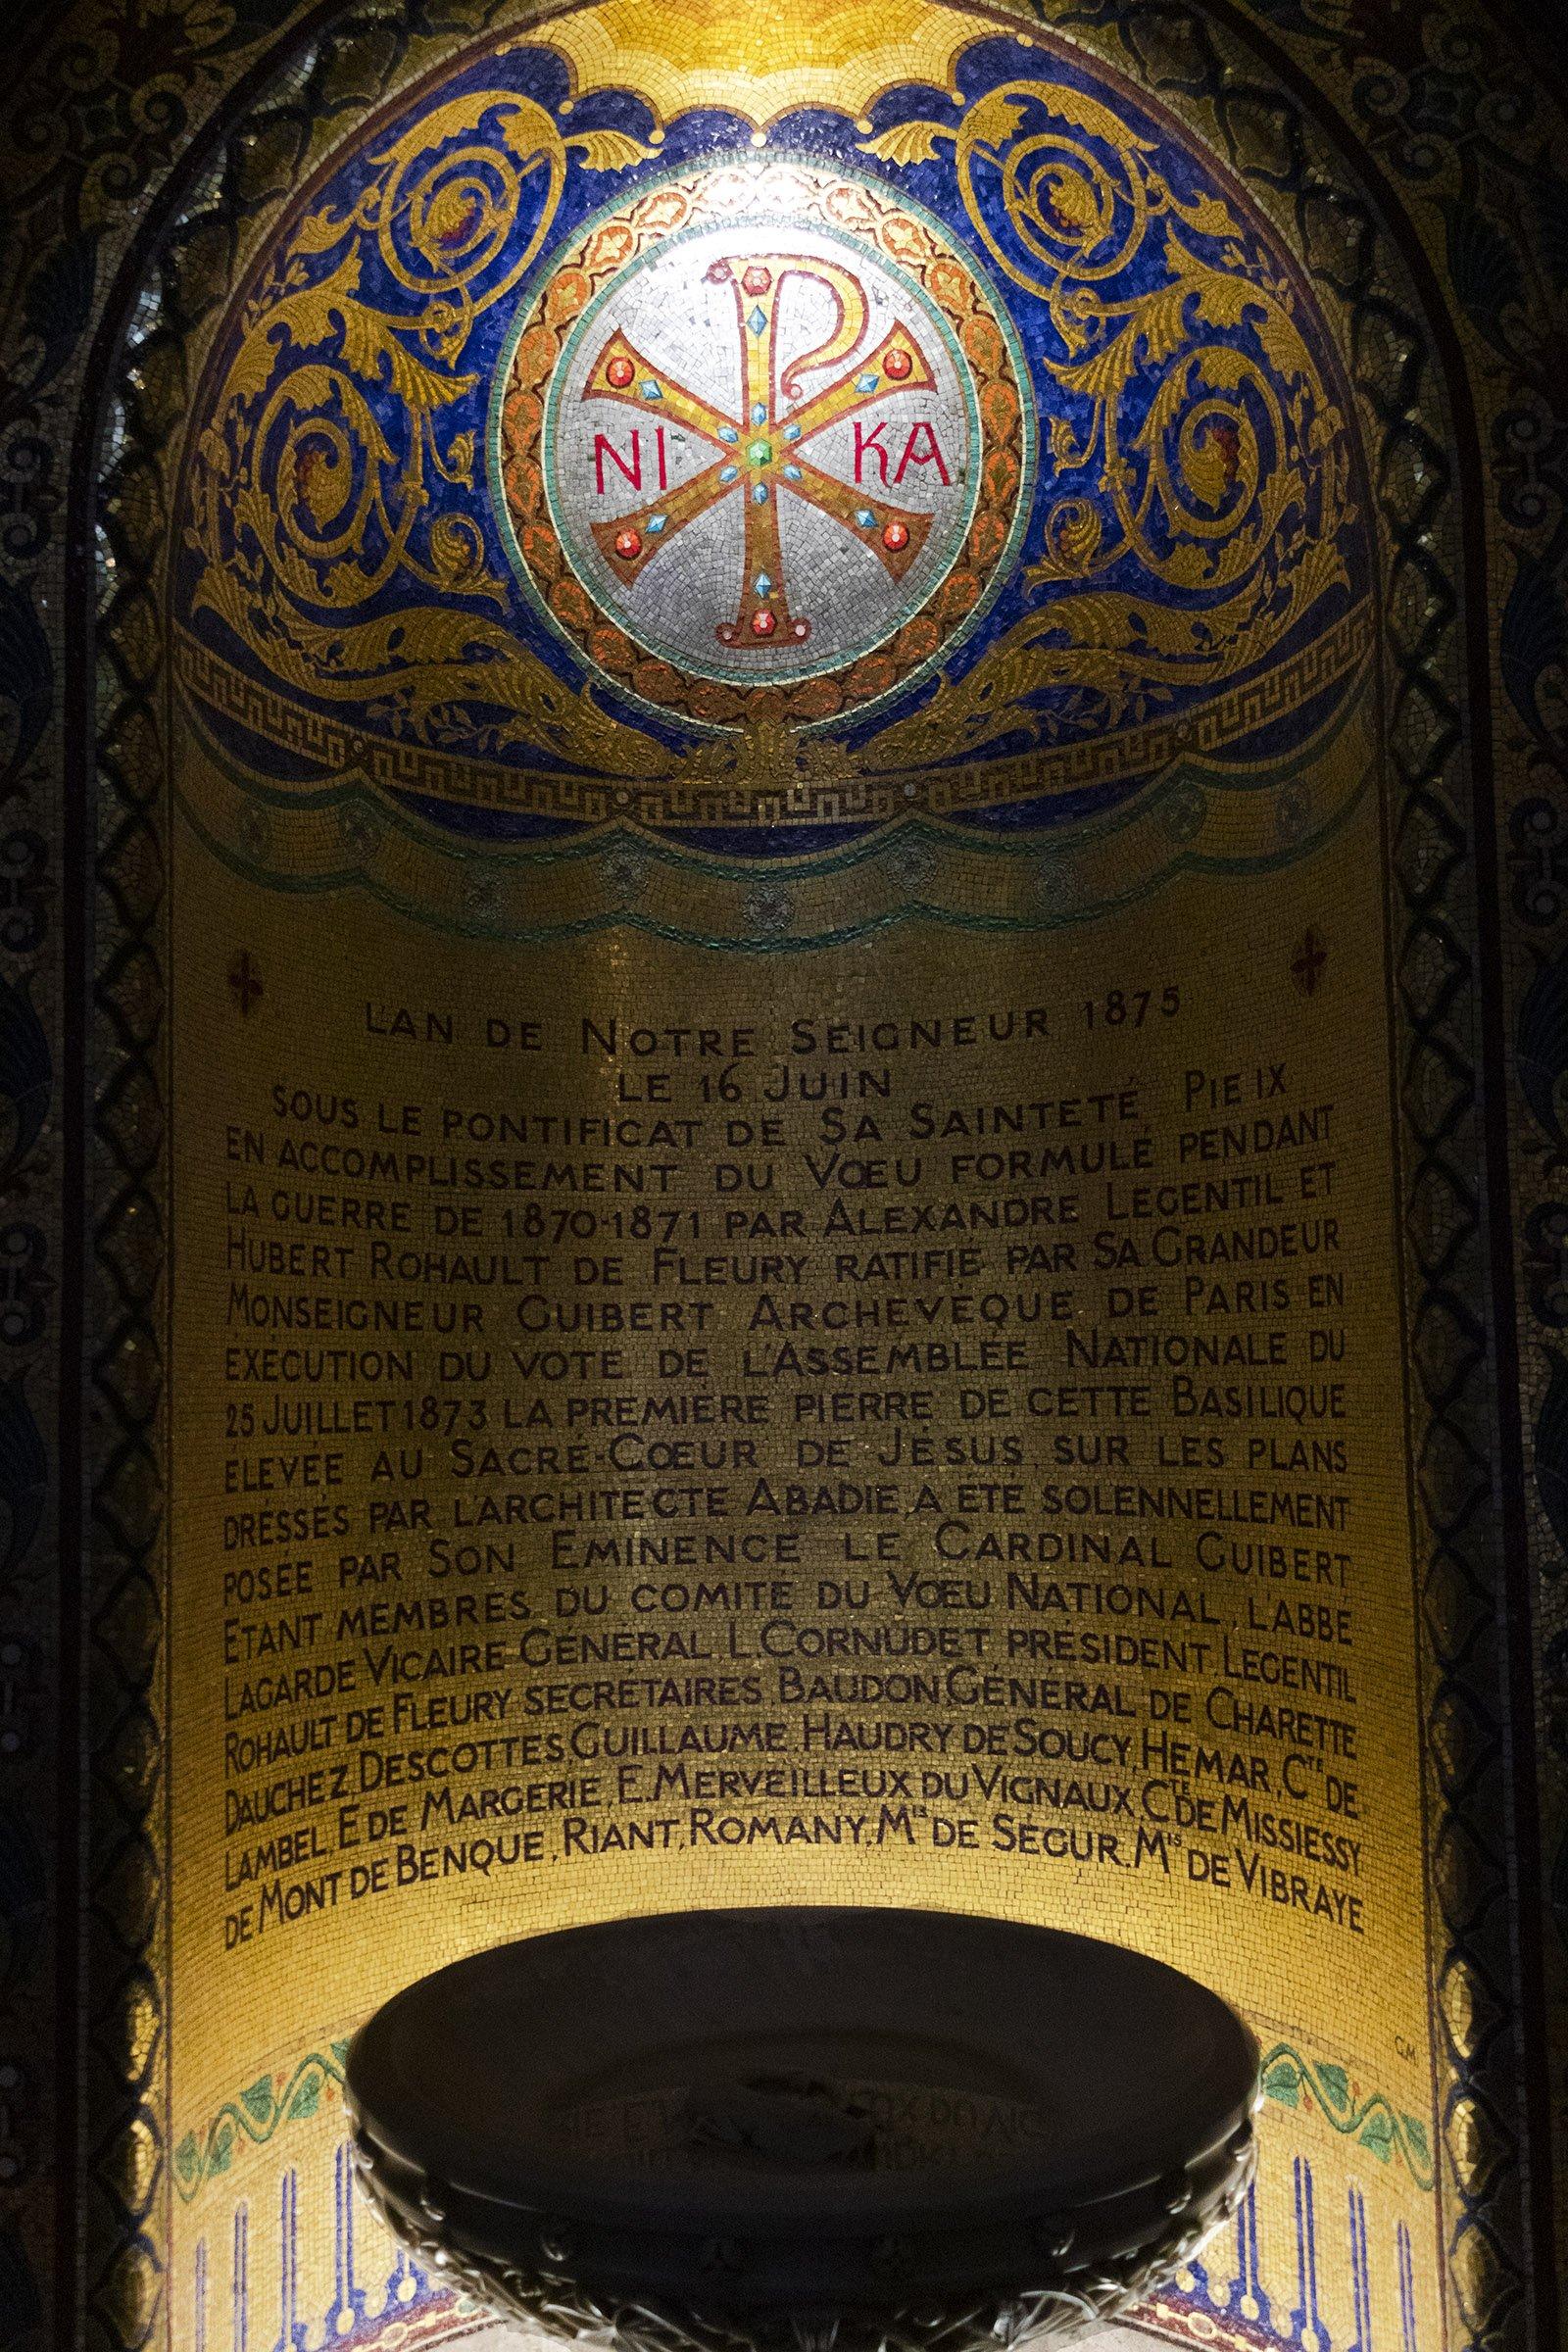 The Consecration of the Basilica, Sacré Cœur